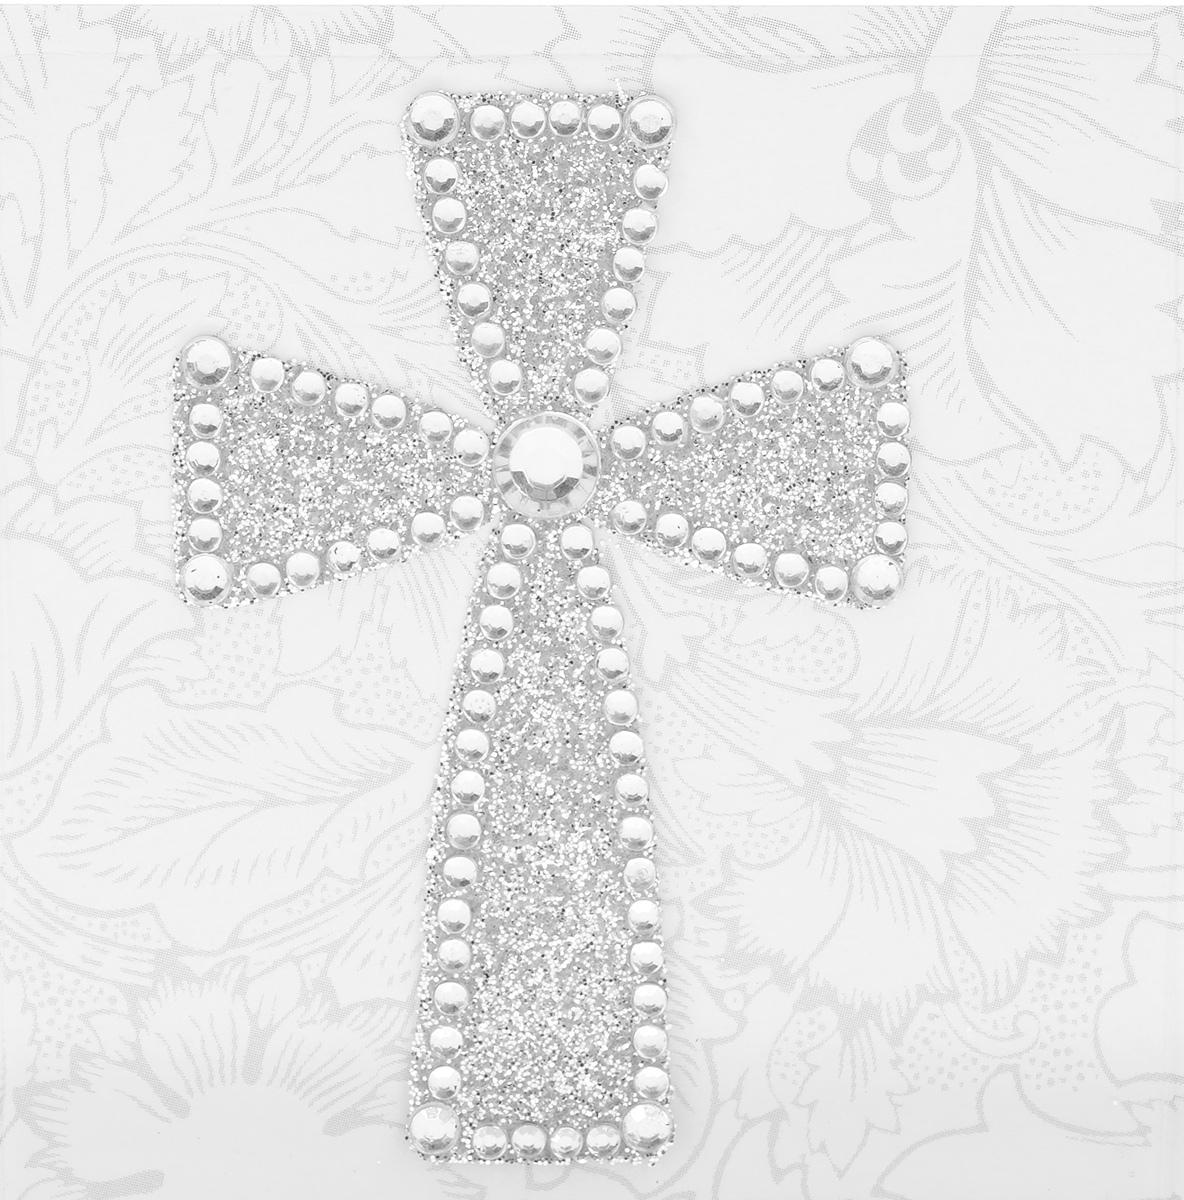 Наклейка декоративная Астра, 5,5 х 3,9 см7708380_684936Декоративная наклейка Астра изготовлена из высококачественного акрила в виде креста. Фигура украшена стразами и блестками. Изделие оснащено задней клейкой стороной. Такая наклейка подойдет для оформления одежды, бытовой техники, открыток, интерьера и многого другого. Декоративная наклейка поможет добавить оригинальности и эксклюзивности окружающих вас предметов и будет радовать глаз.